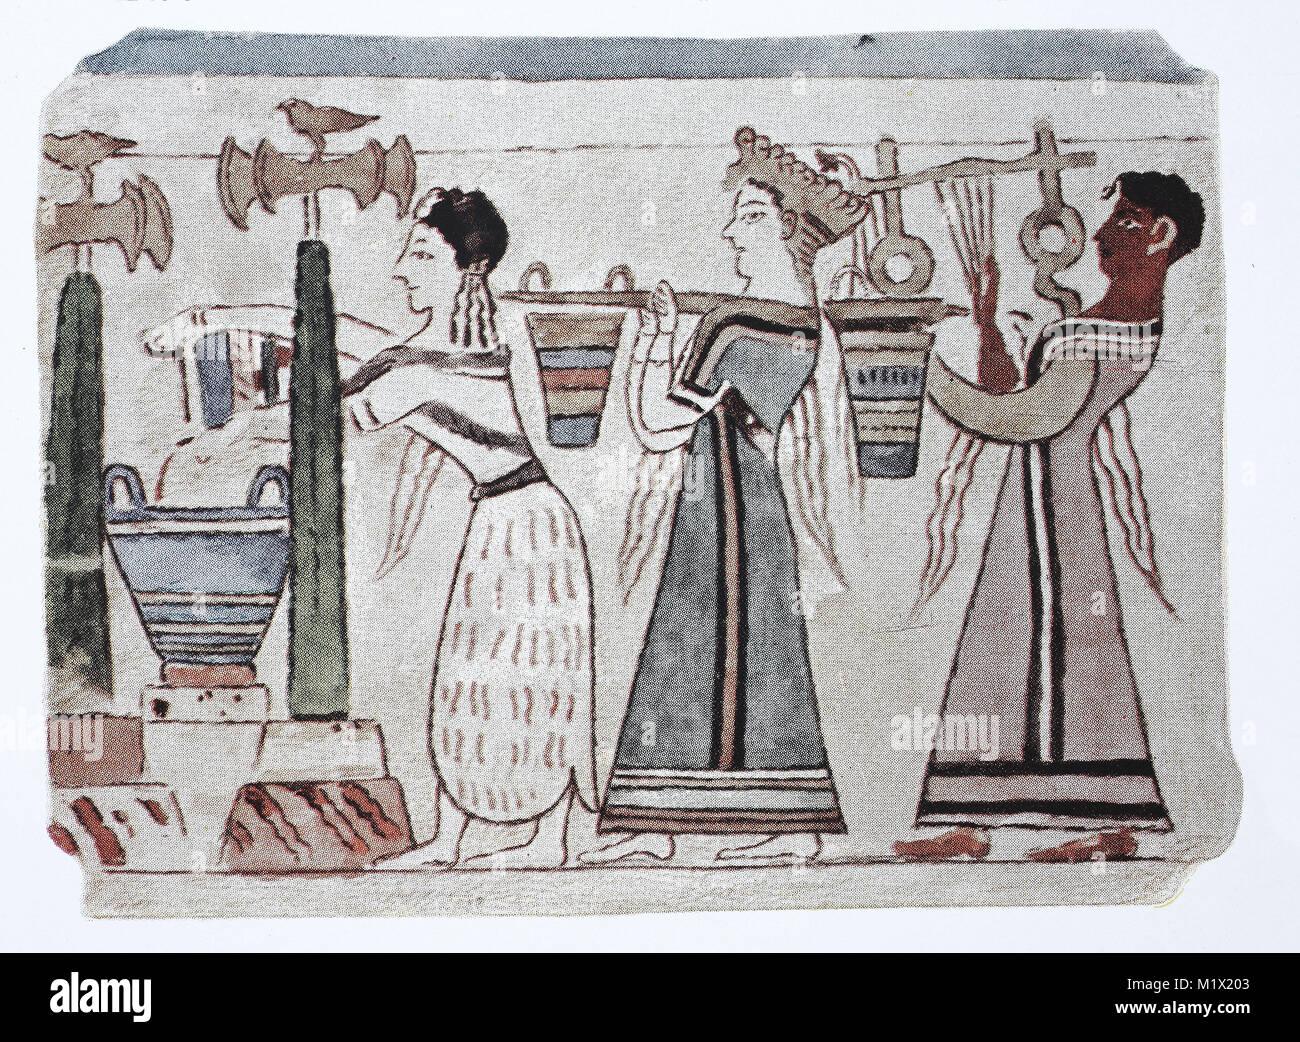 La moda, la ropa de Mykenae, Creta, Chipre y el Egeo y cultura fenicia, 2000-500 BC, mujeres con baldes de agua y detrás de ellos un arpista, la pintura de un sarcófago